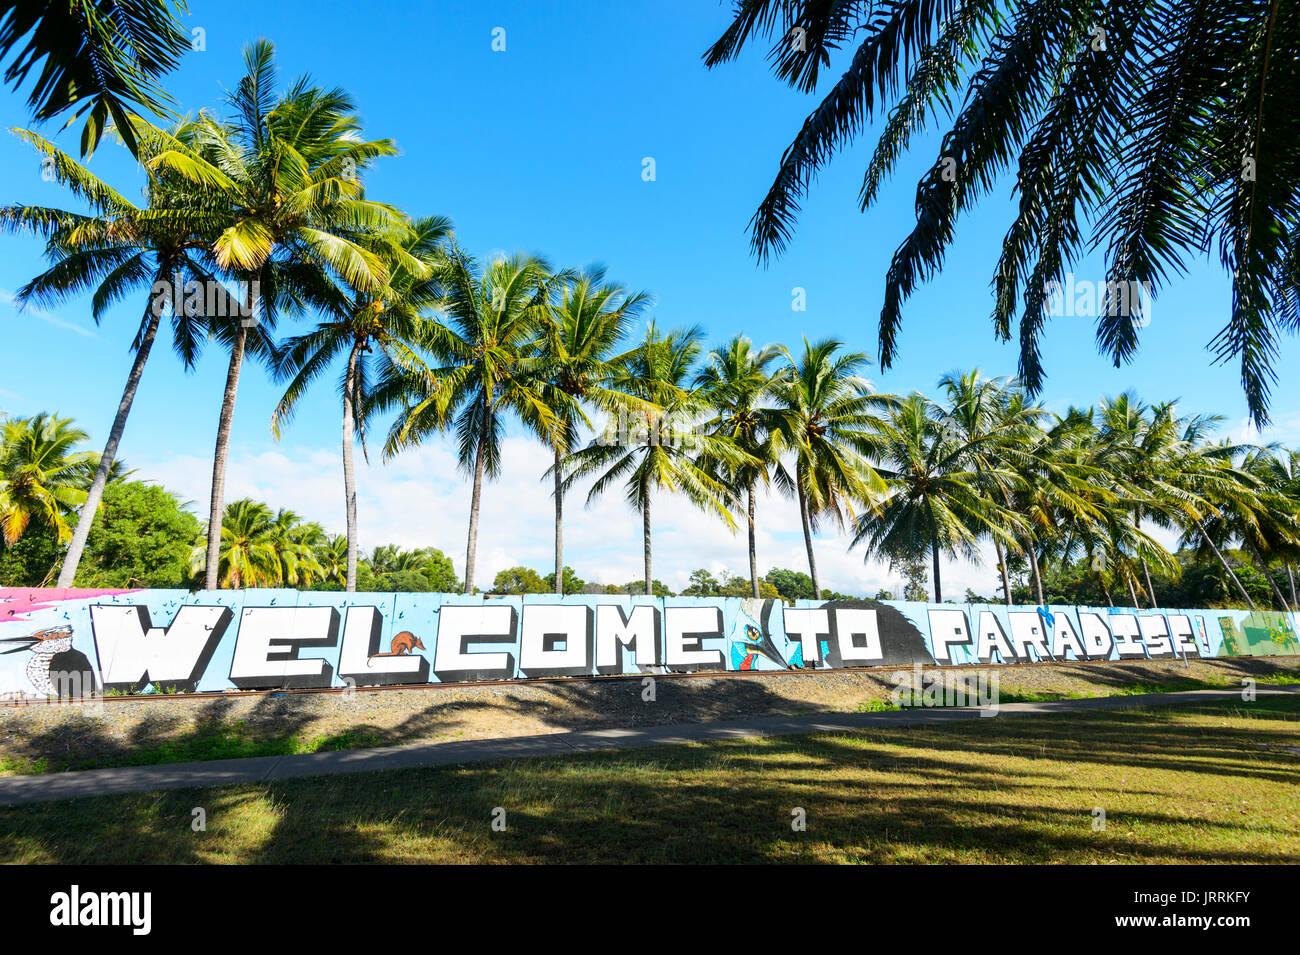 Bienvenido al paraíso cartel a la entrada de Port Douglas, Far North Queensland, FNQ, Queensland, Australia Imagen De Stock